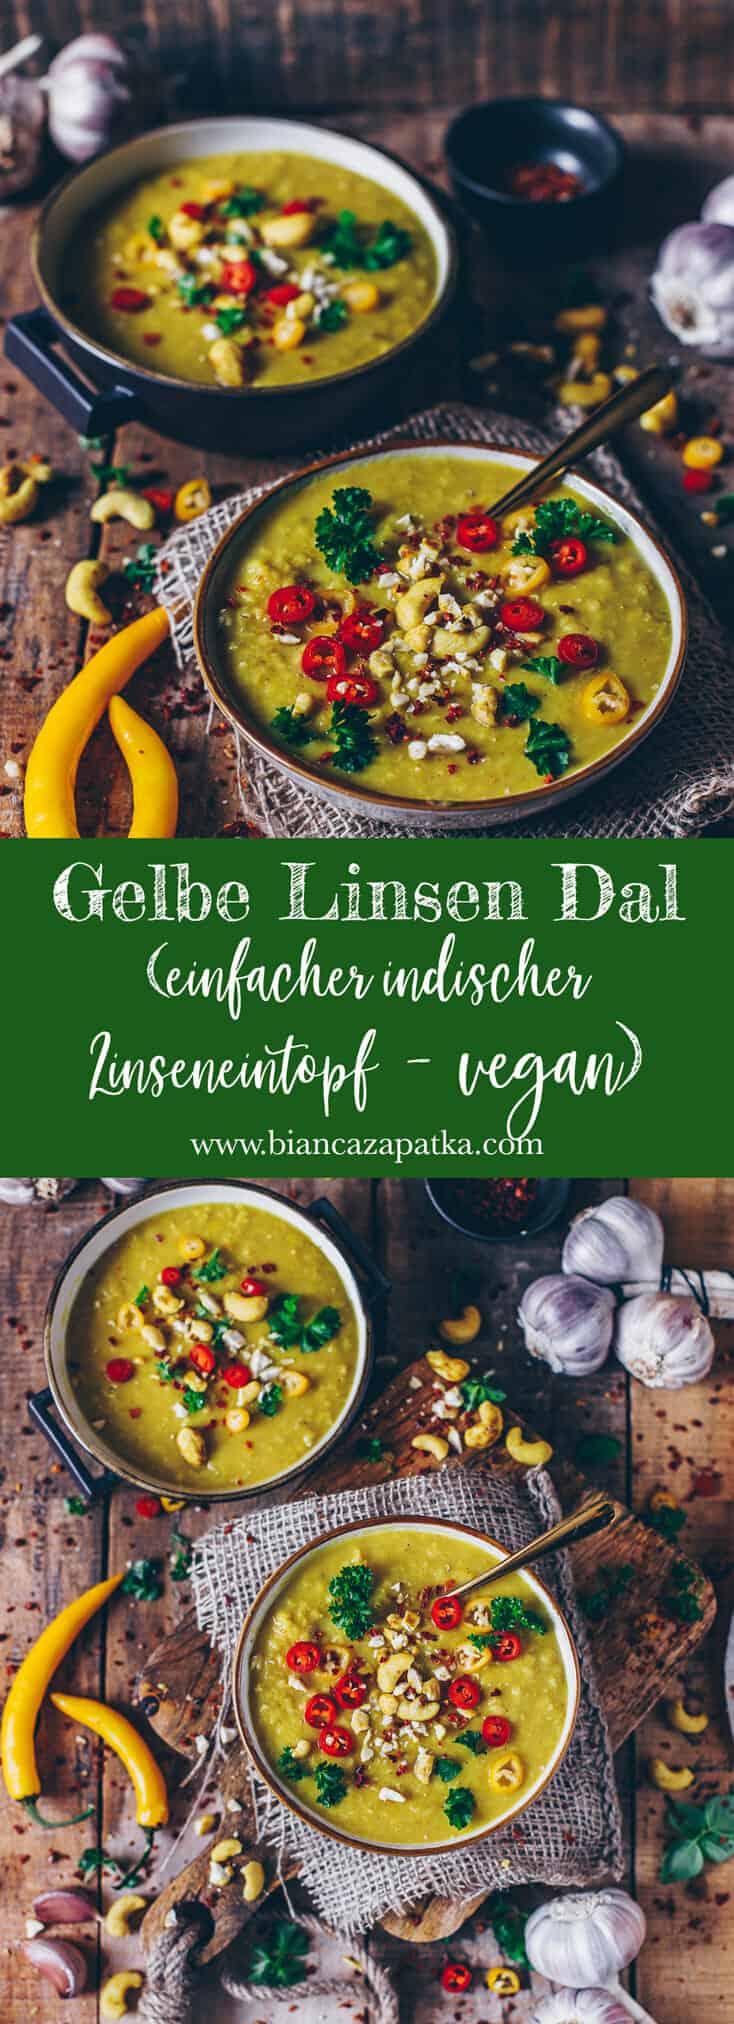 Rezept für ein gesundes und leckeres veganes gelbe Linsen Dal mit Kokosmilch - schnell und einfach zubereitet - perfekt zum Aufwärmen!